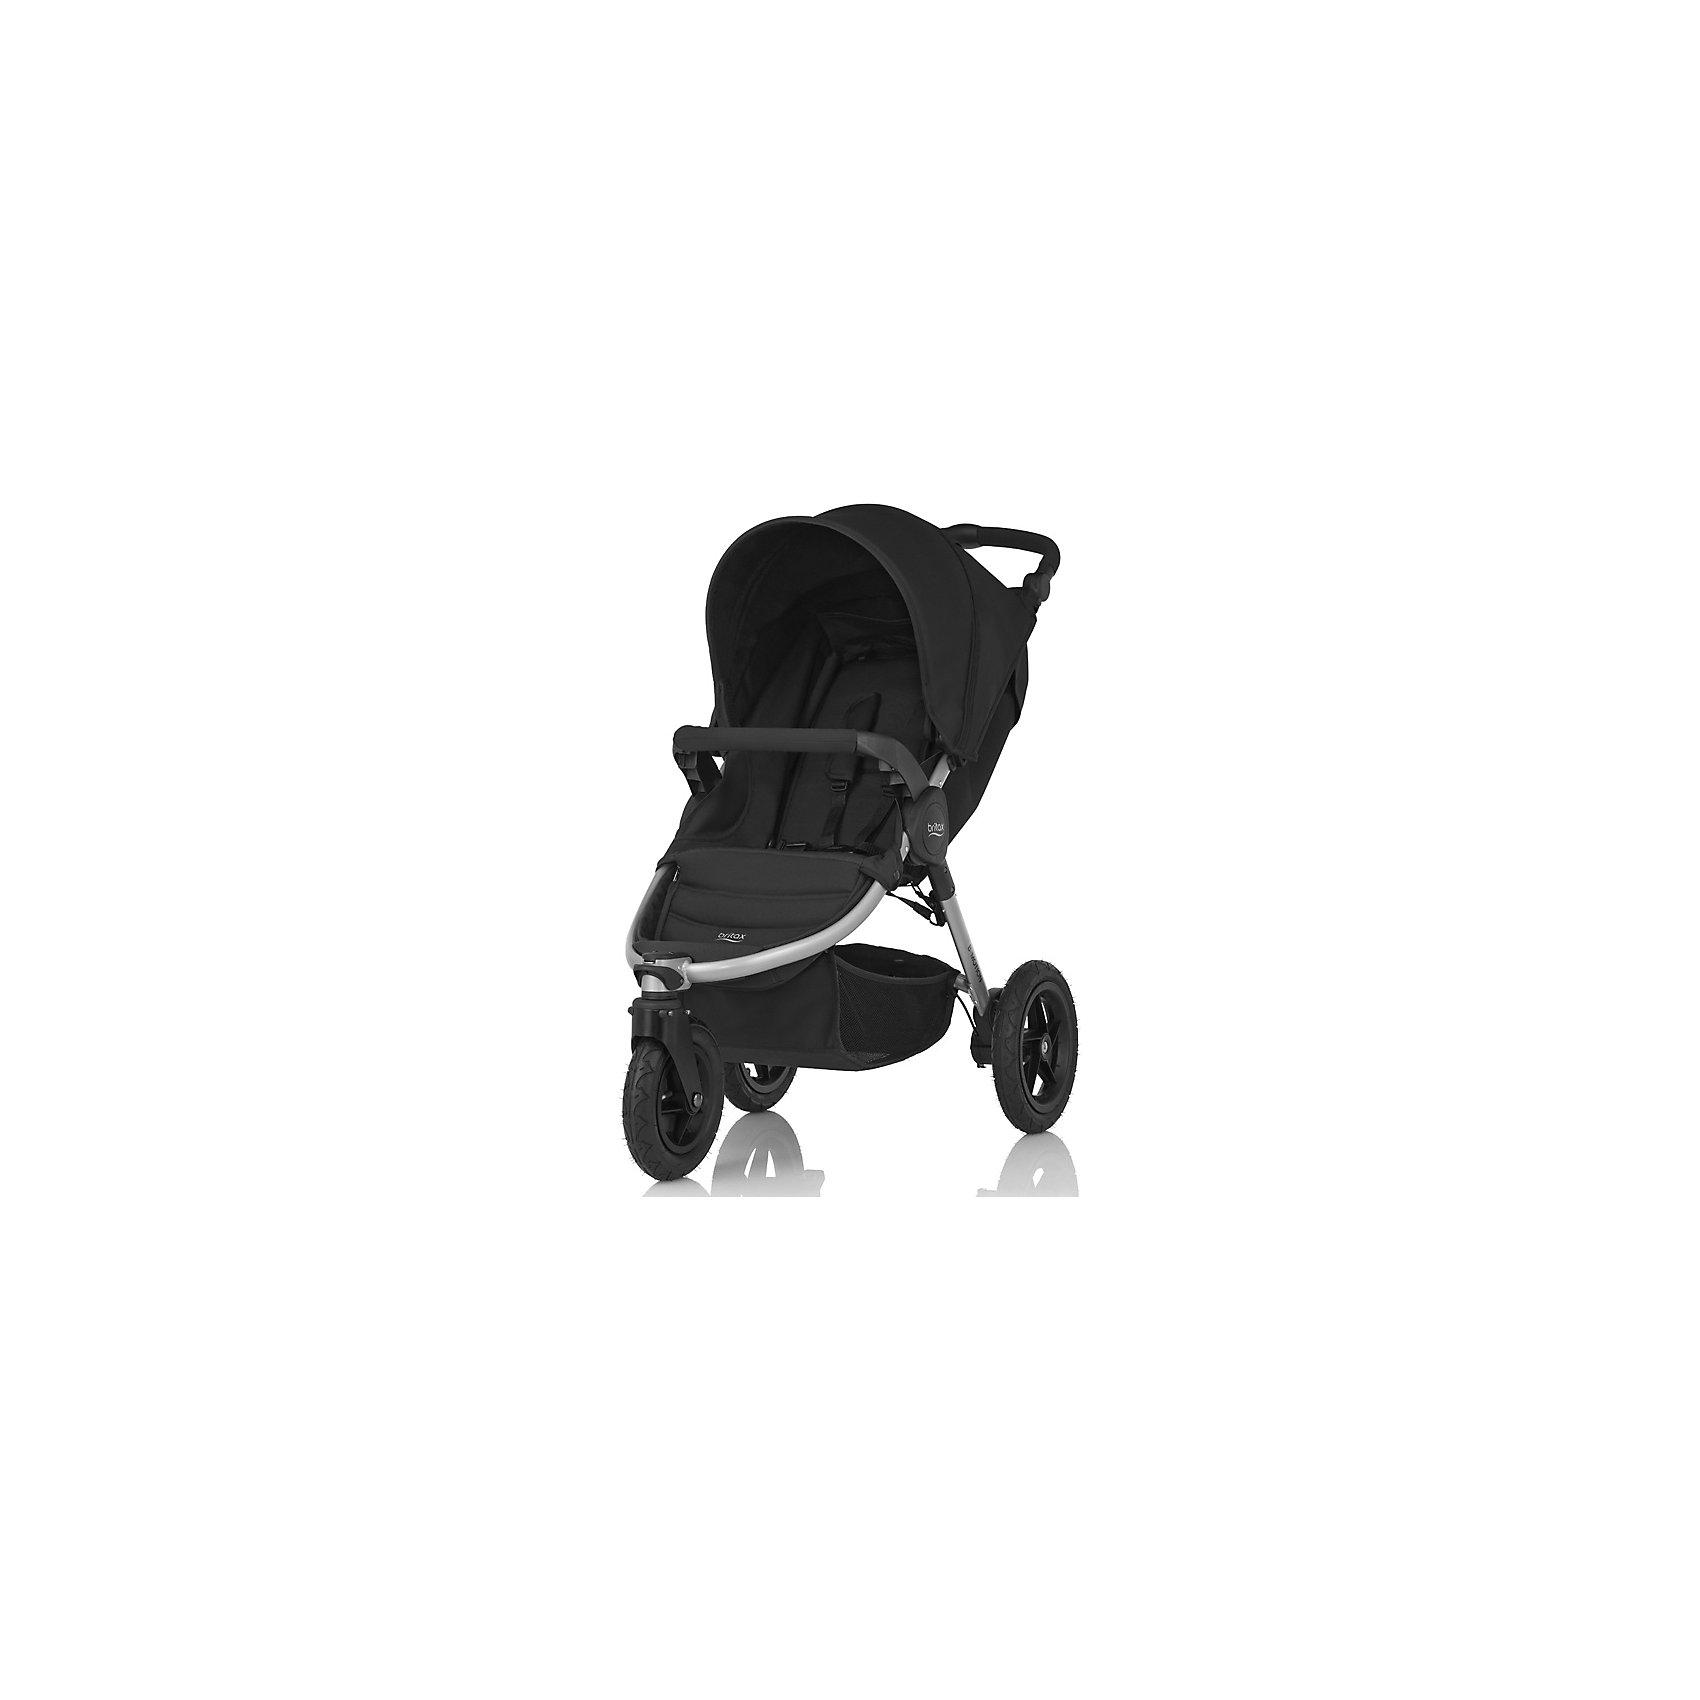 Прогулочная коляска Britax B-Motion 3, Cosmos BlackПрогулочные коляски<br>B-Motion 3 - это легкая и прочная коляска, складывающаяся буквально одним движением руки. Благодаря износостойким надувным шинам коляска покажет отличную проходимость на любой дороге! А с помощью адаптеров CLICK &amp; GO® легко и просто установить автолюльку Baby-Safe Sleeper или автопереноски Baby-Safe непосредственно на шасси коляски B-Motion 3. <br>Особенности: <br>Для детей с рождения до 15 кг<br>Легкая алюминиевая рама<br>Простое и компактное складывание с автоматической фиксацией<br>Регулируемая ручка<br>Компактный размер в сложенном состоянии (35х58х70 см).<br>Амортизаторы на задних колесах.<br>5-точечные ремни безопасности.<br>Поворотное переднее колесо с возможностью фиксации.<br>Большие надувные колеса, износостойкие покрышки.<br>Большая корзина для покупок.<br>Возможна дополнительная установка люльки в качестве опции.<br>Комплектация: прогулочный блок, бампер, переходники CLICK &amp; GO® для спального блока и автолюлек Britax R?mer.<br>Гарантия на коляску - 2 года.<br><br>Ширина мм: 800<br>Глубина мм: 480<br>Высота мм: 310<br>Вес г: 13700<br>Возраст от месяцев: 0<br>Возраст до месяцев: 48<br>Пол: Унисекс<br>Возраст: Детский<br>SKU: 5484738